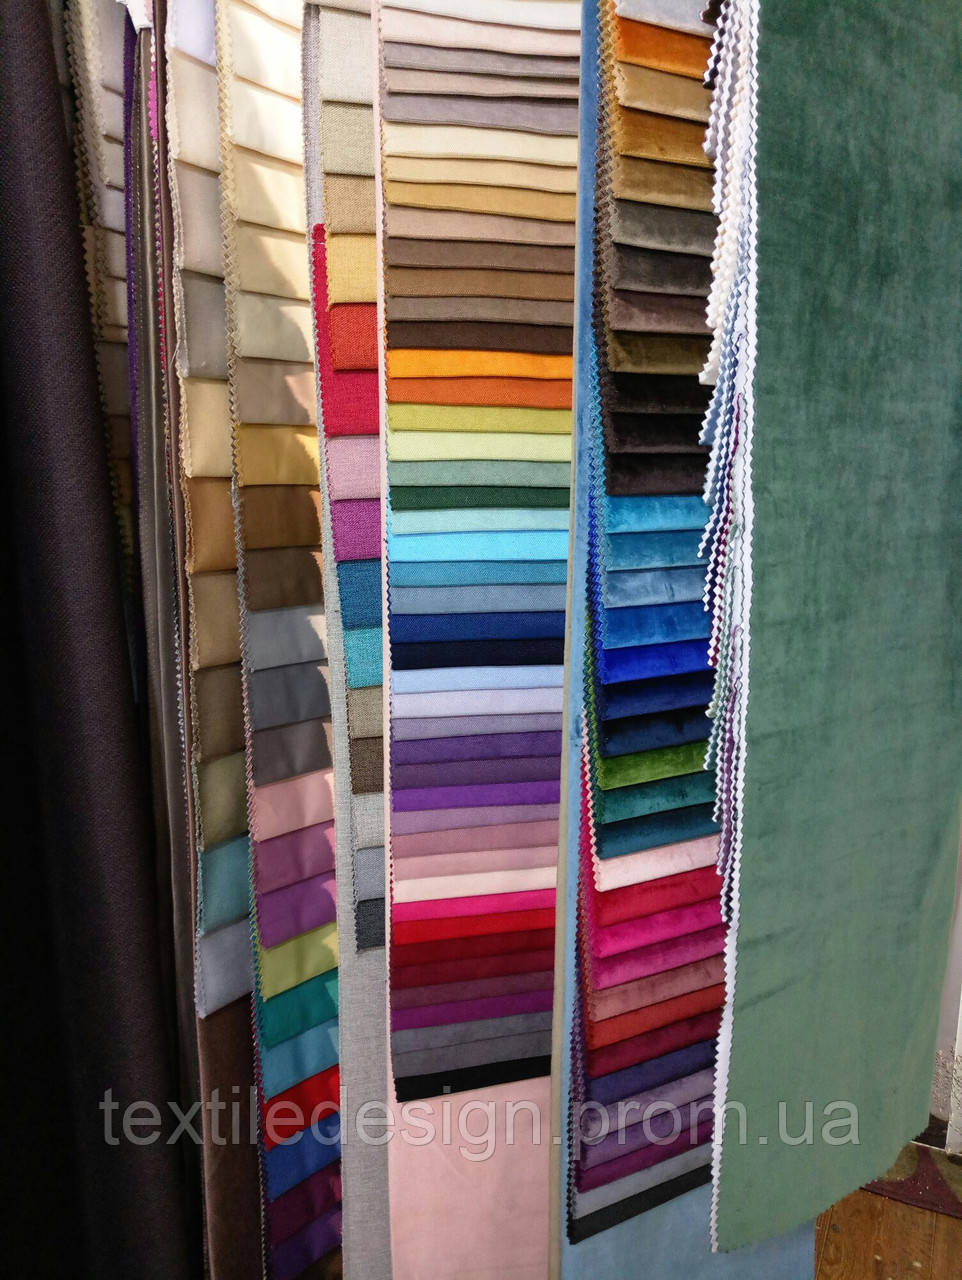 Образцы тканей для штор куплю бирки брендов